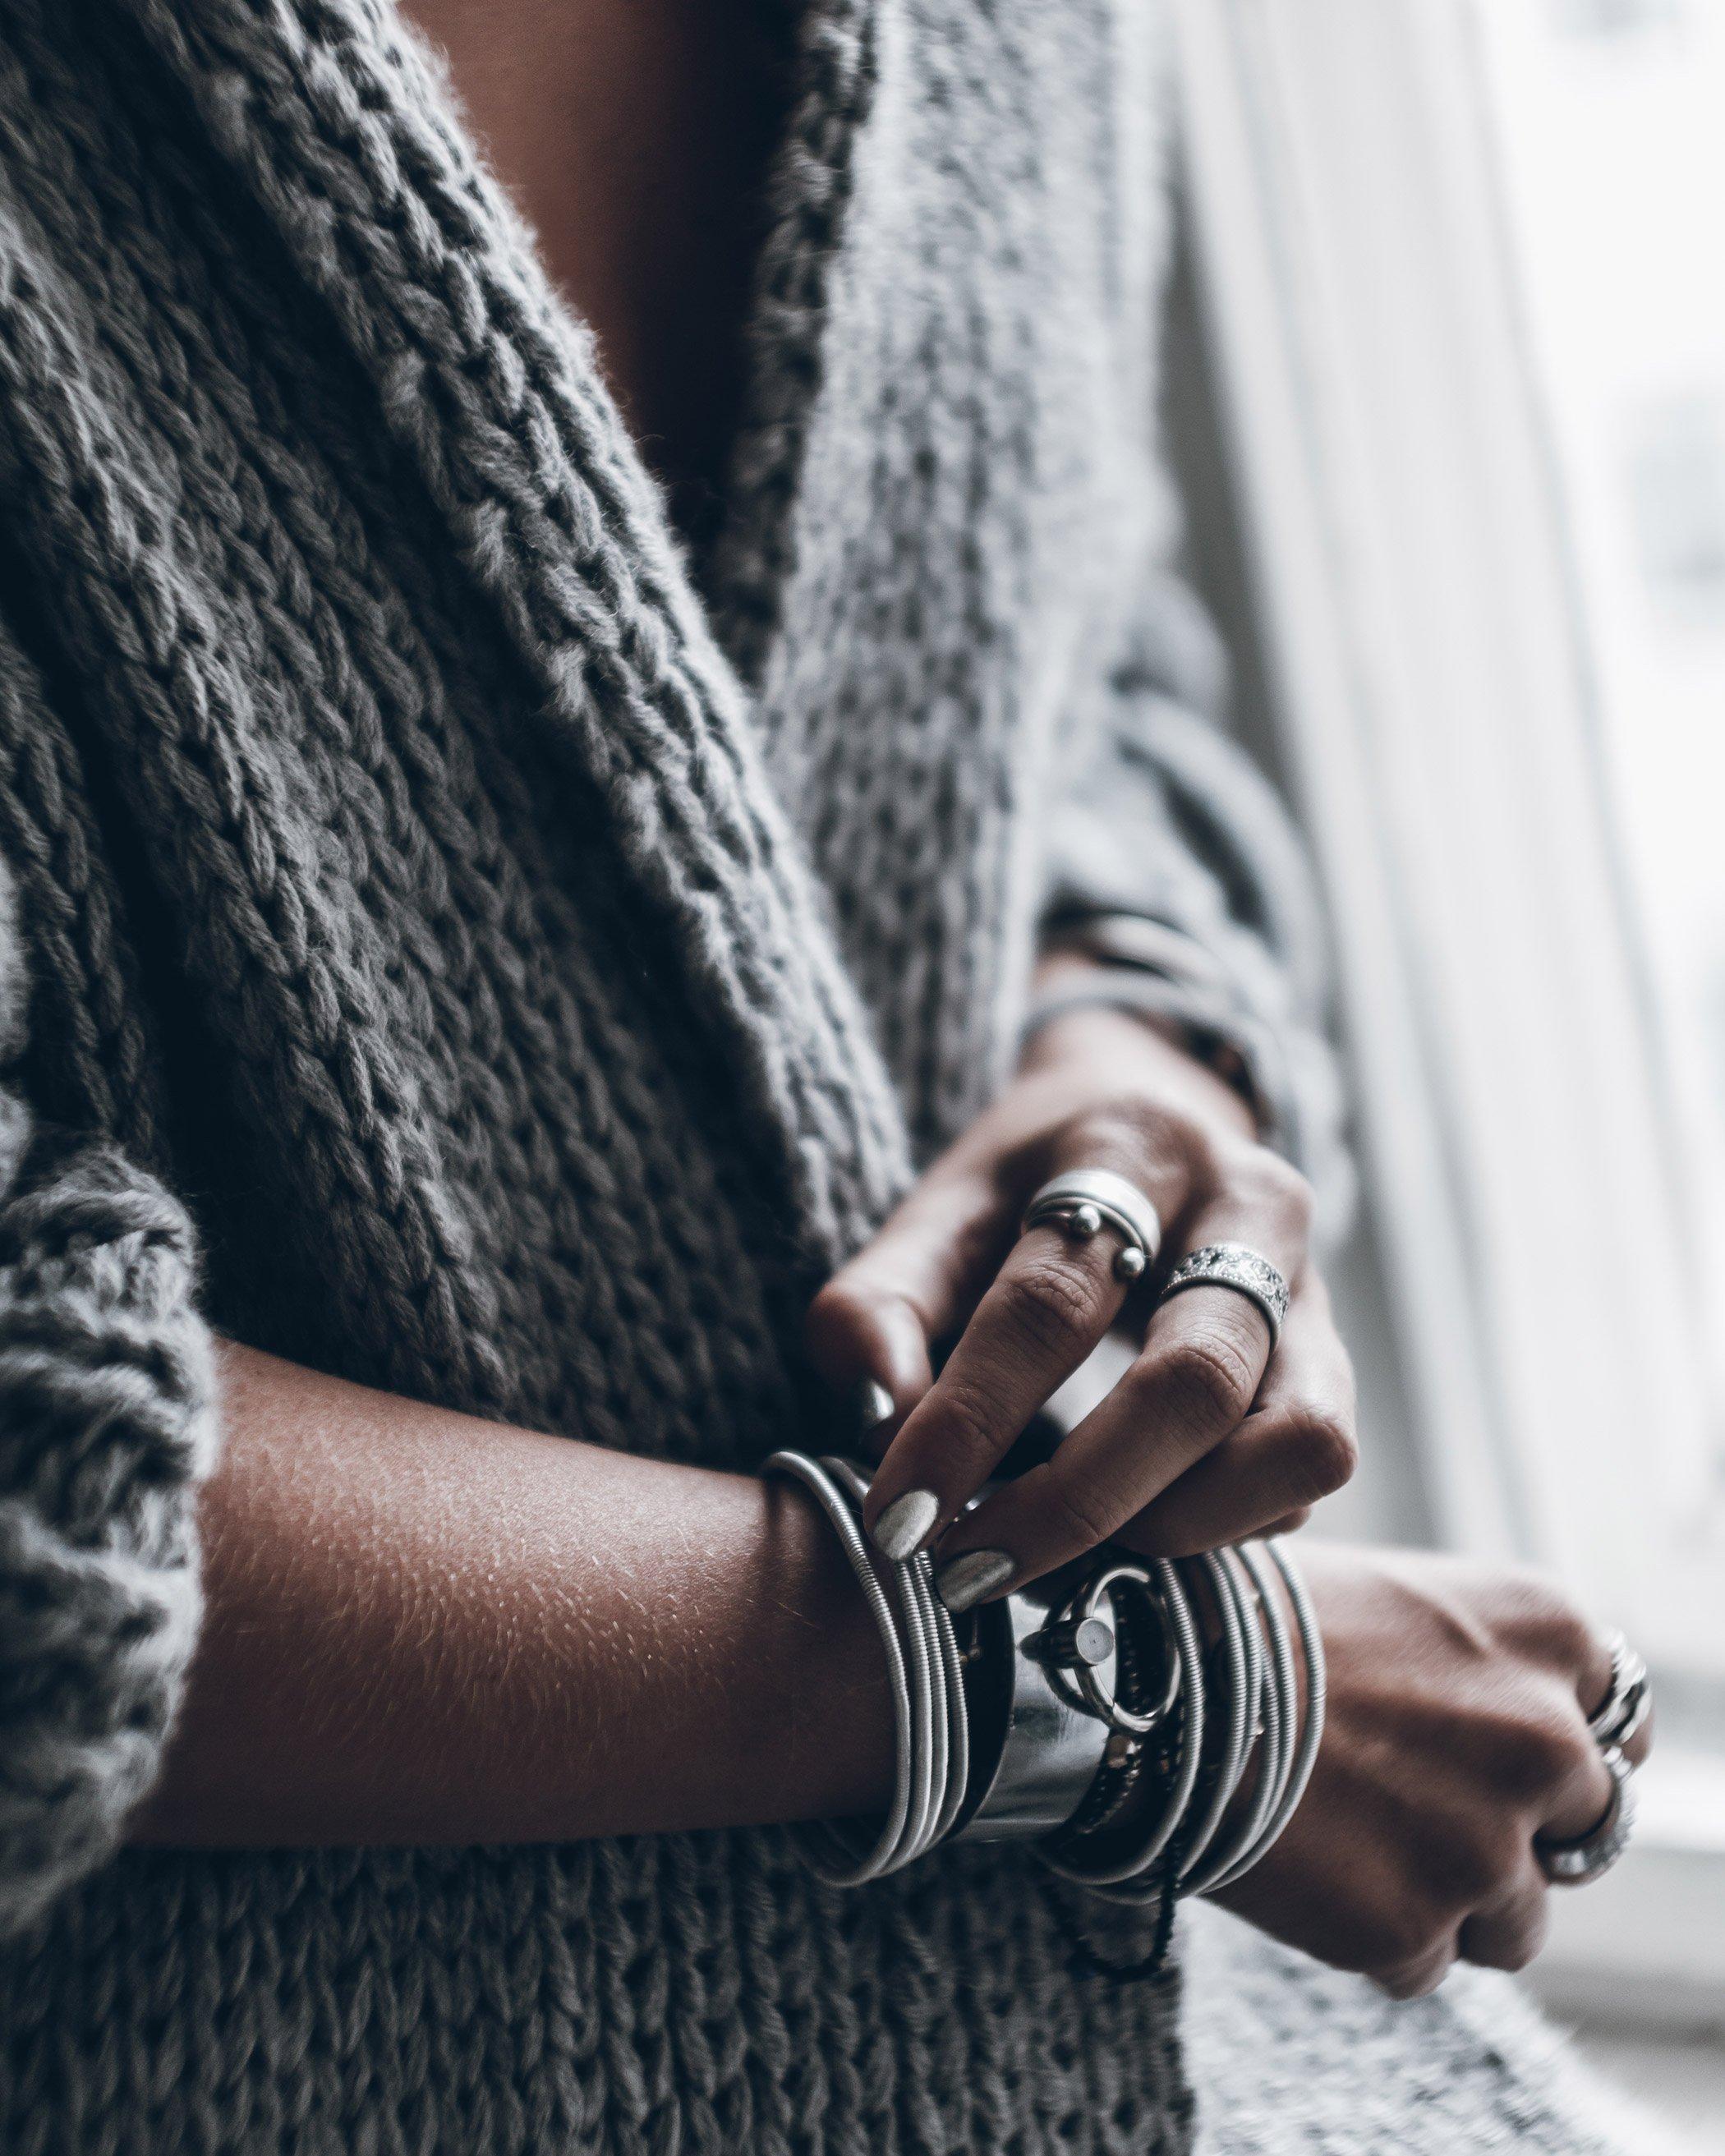 mikuta-silver-nails-2